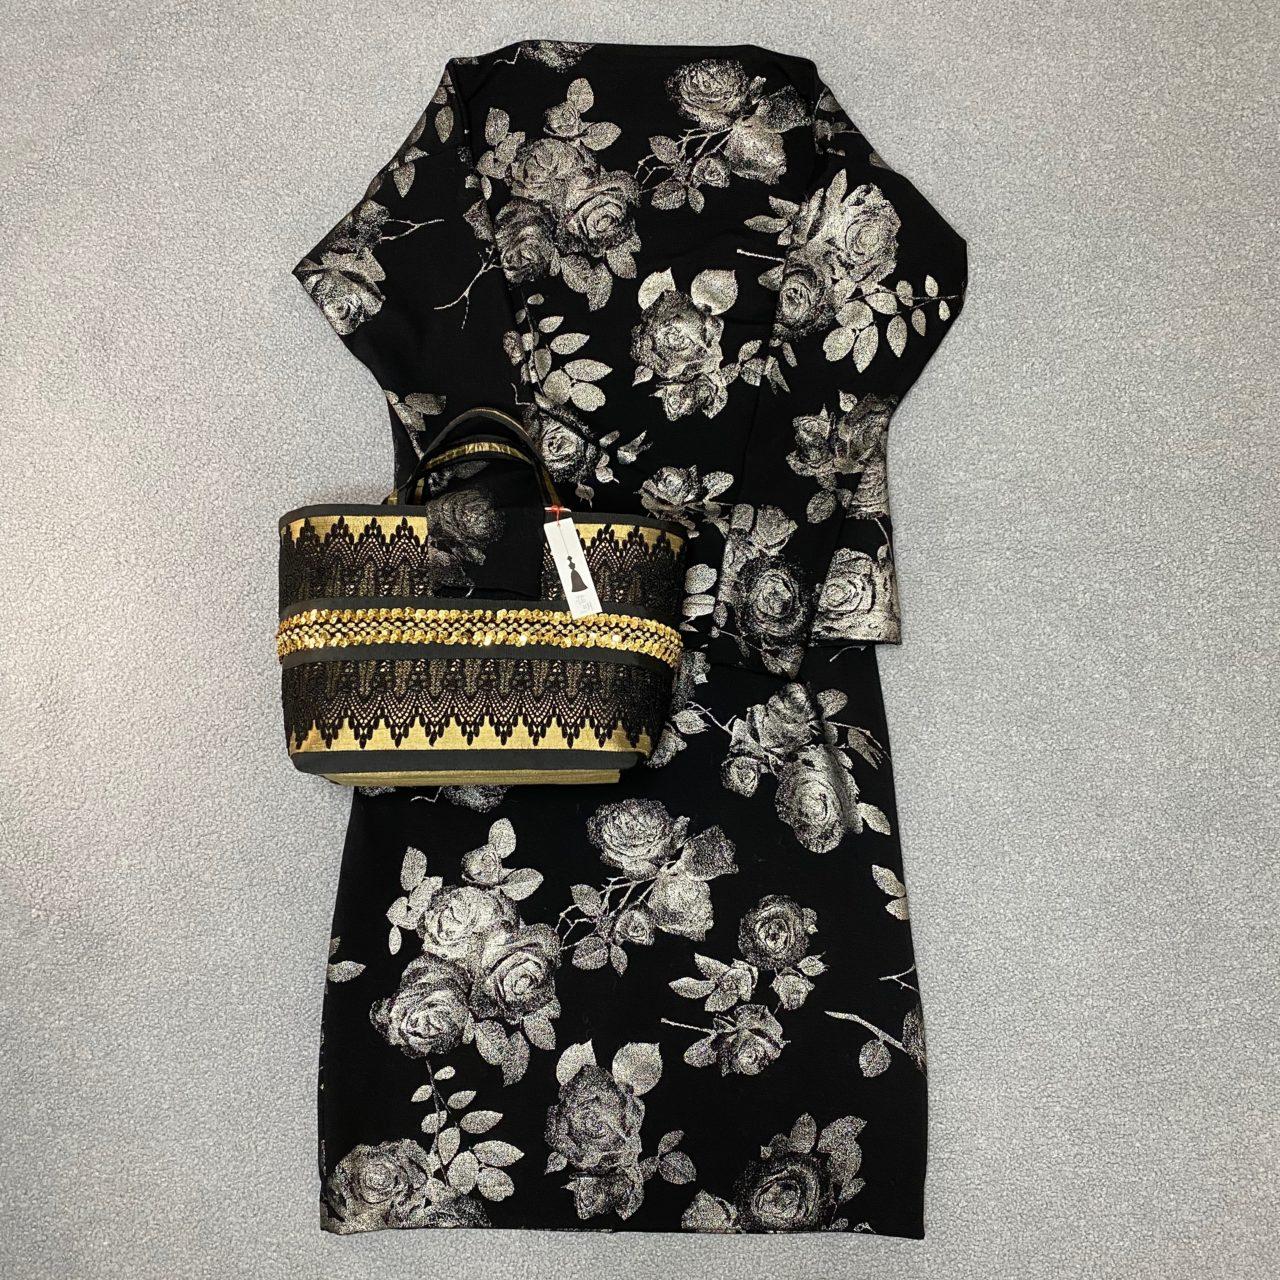 黒バラ柄 スカートセットアップ